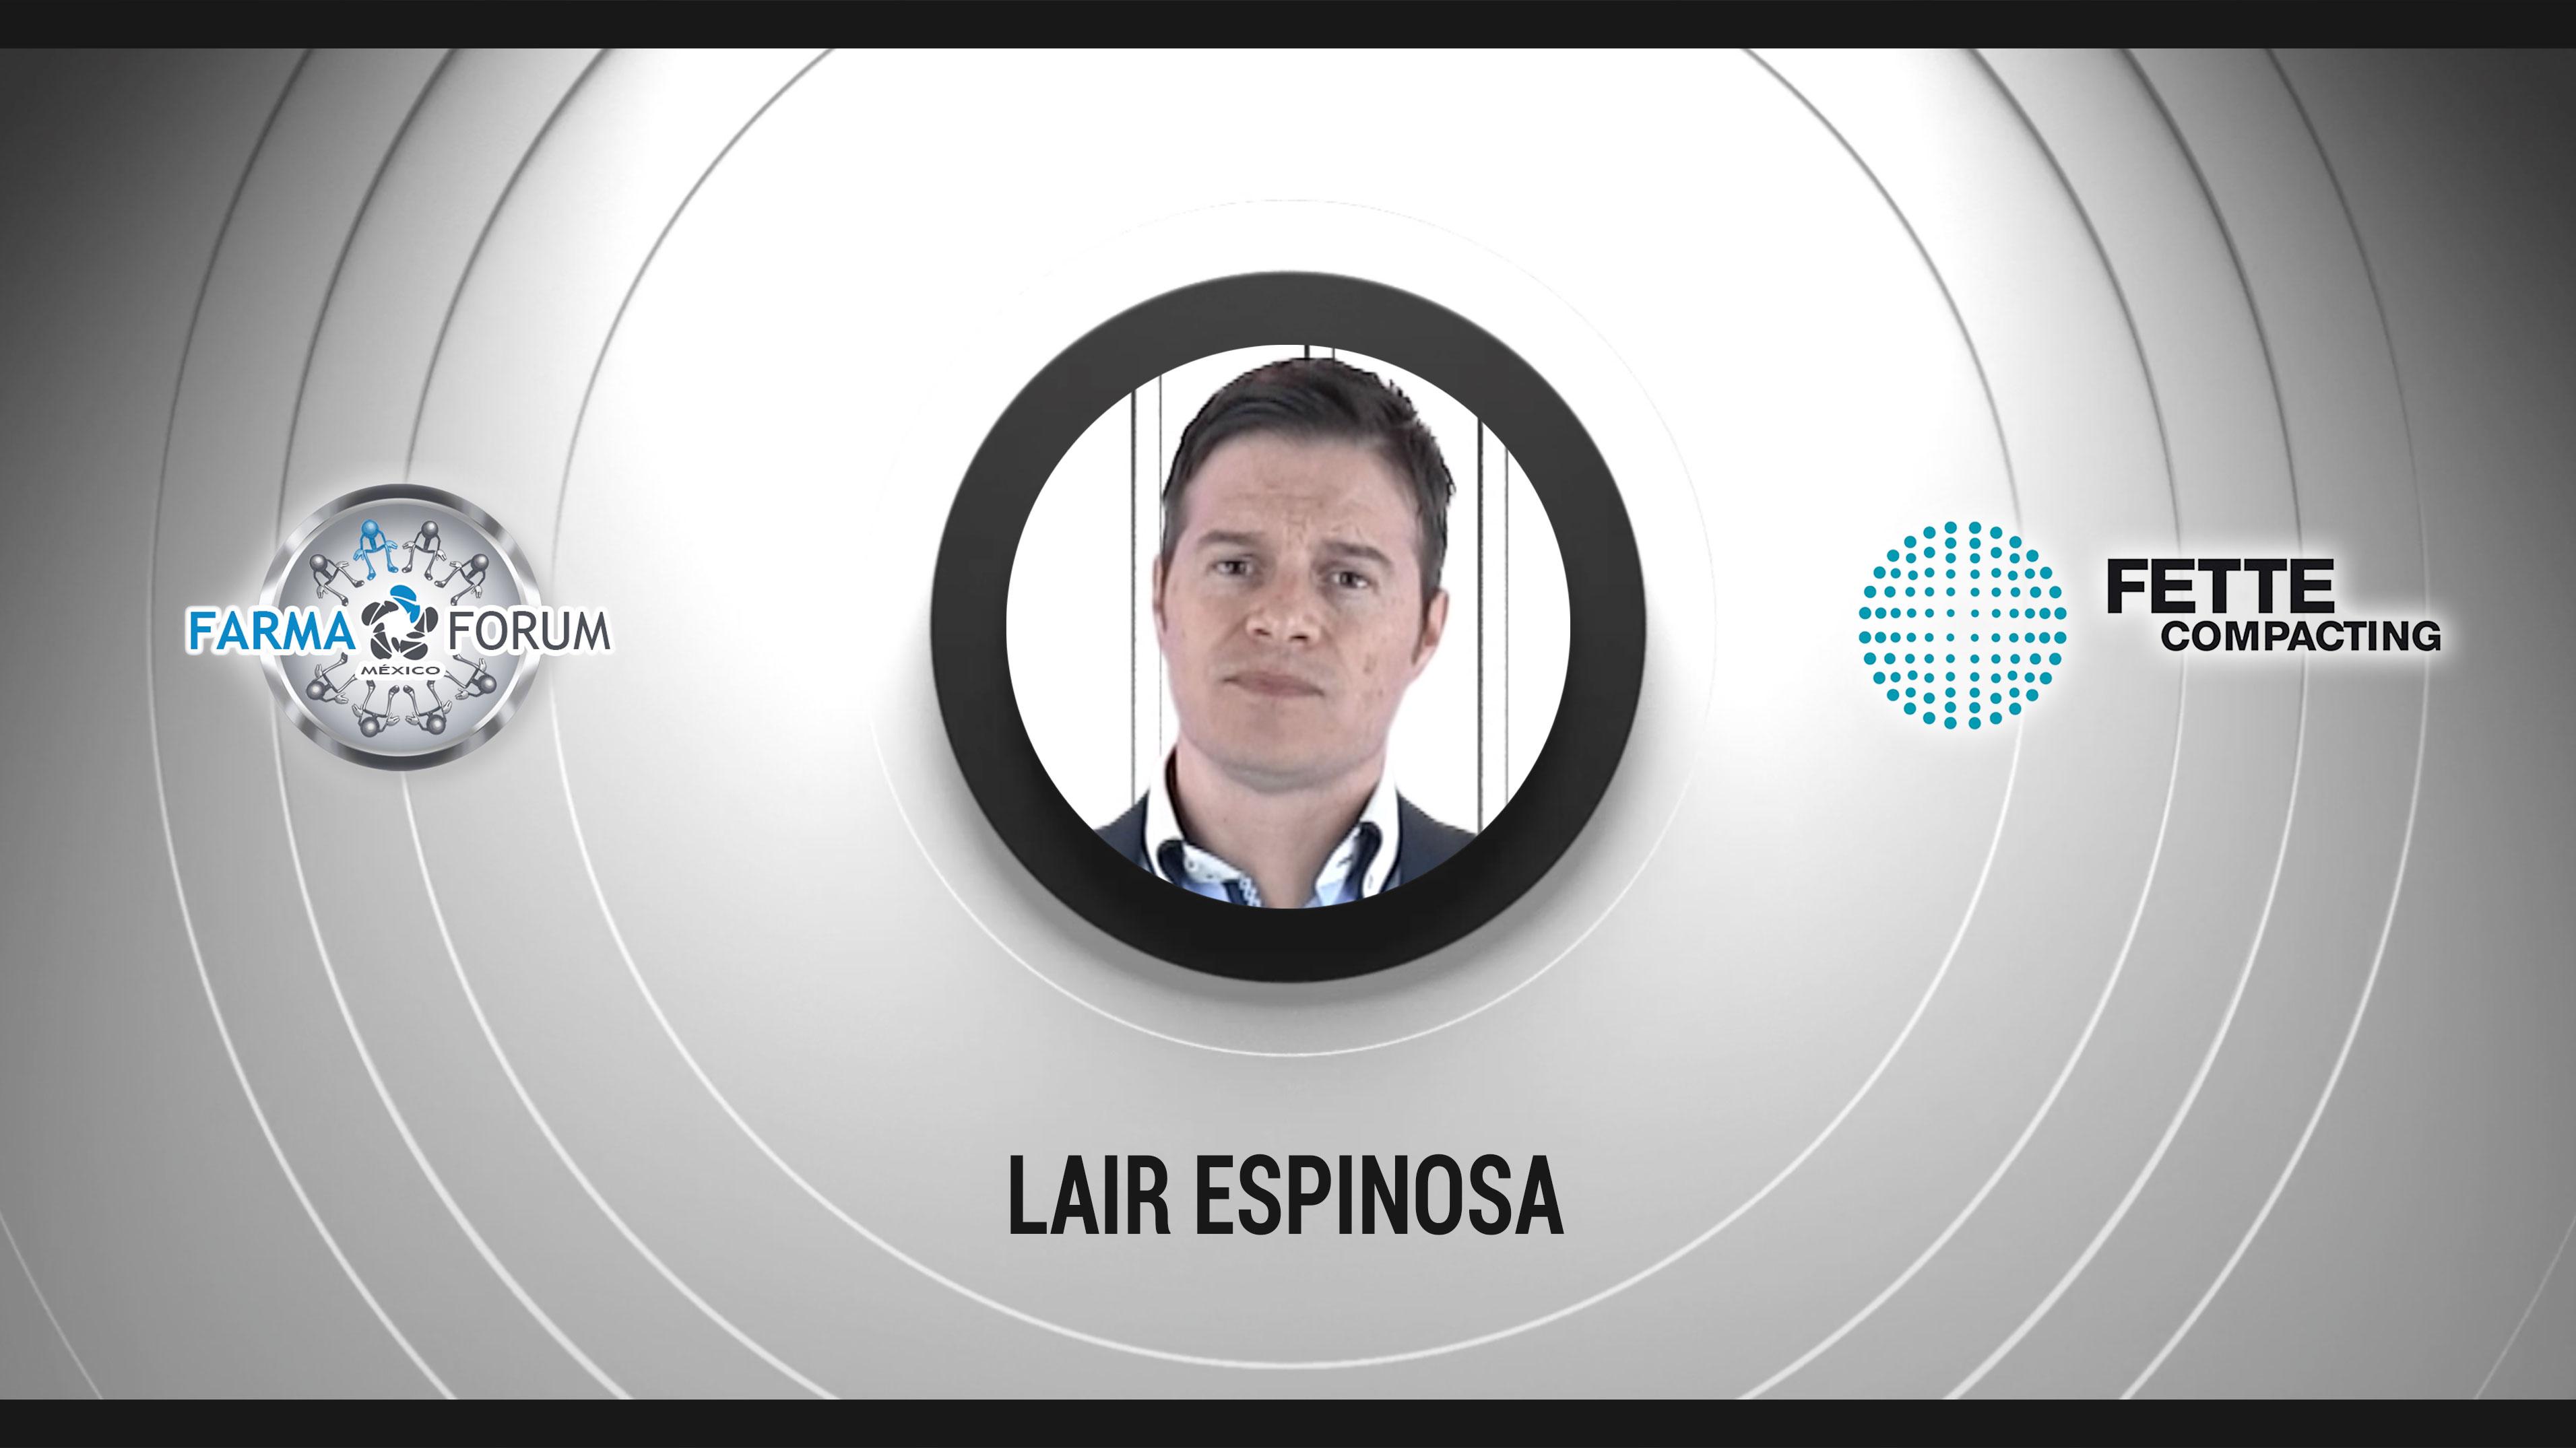 LAIR ESPINOSA - ¿Cómo enfrentar los requisitos farmacéuticos del futuro como fabricante de máquinas?